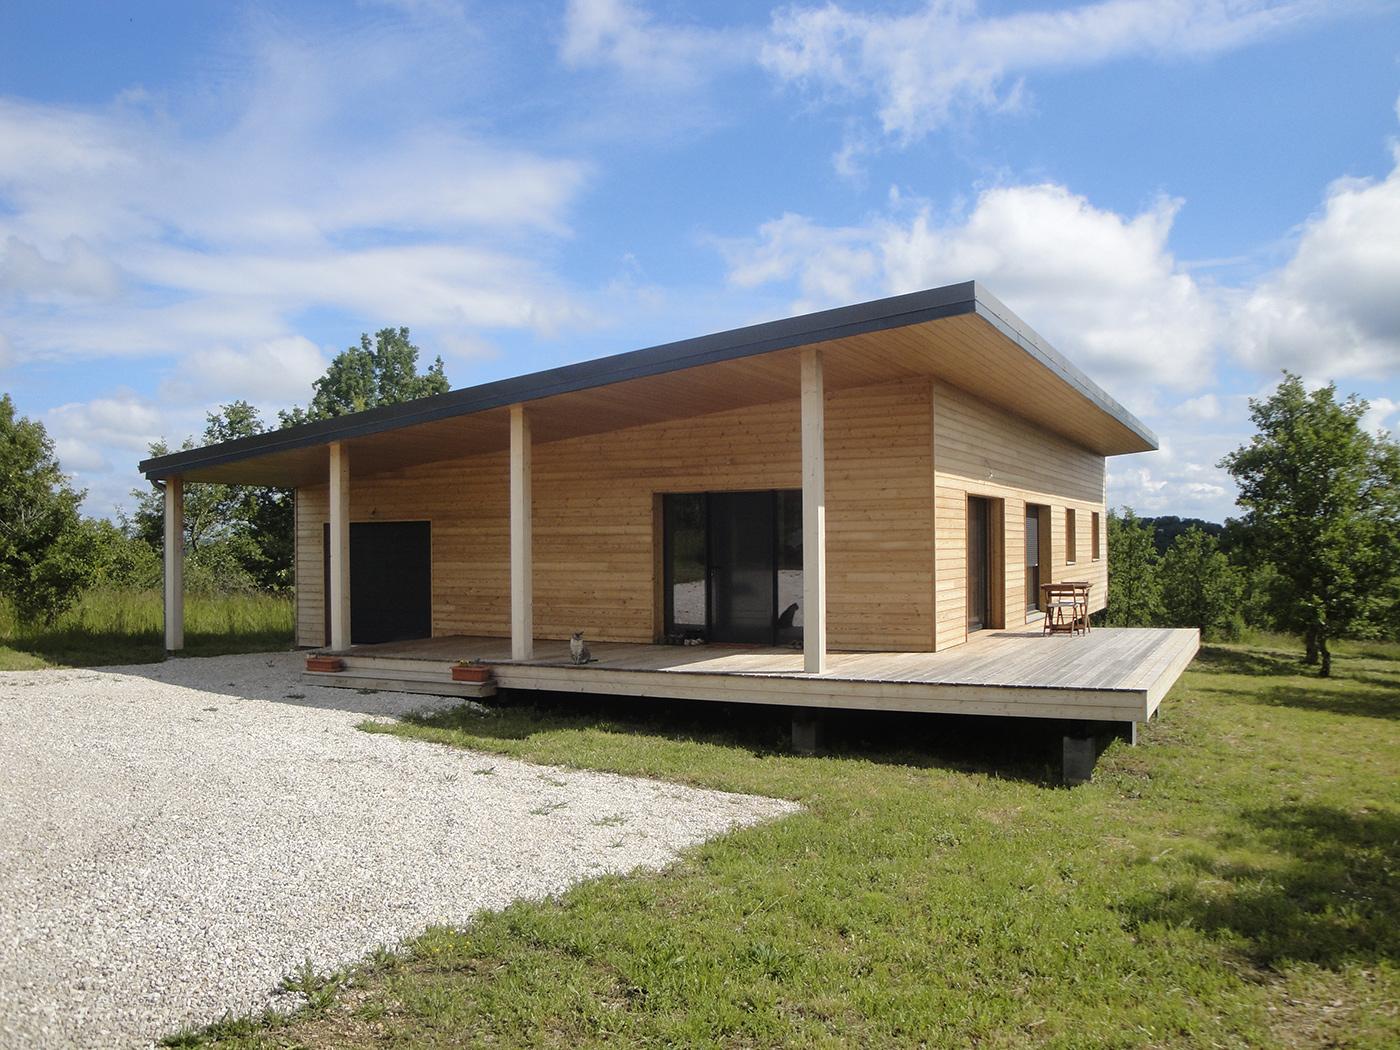 Constructeur maison contemporaine annecy for Constructeur maison annecy